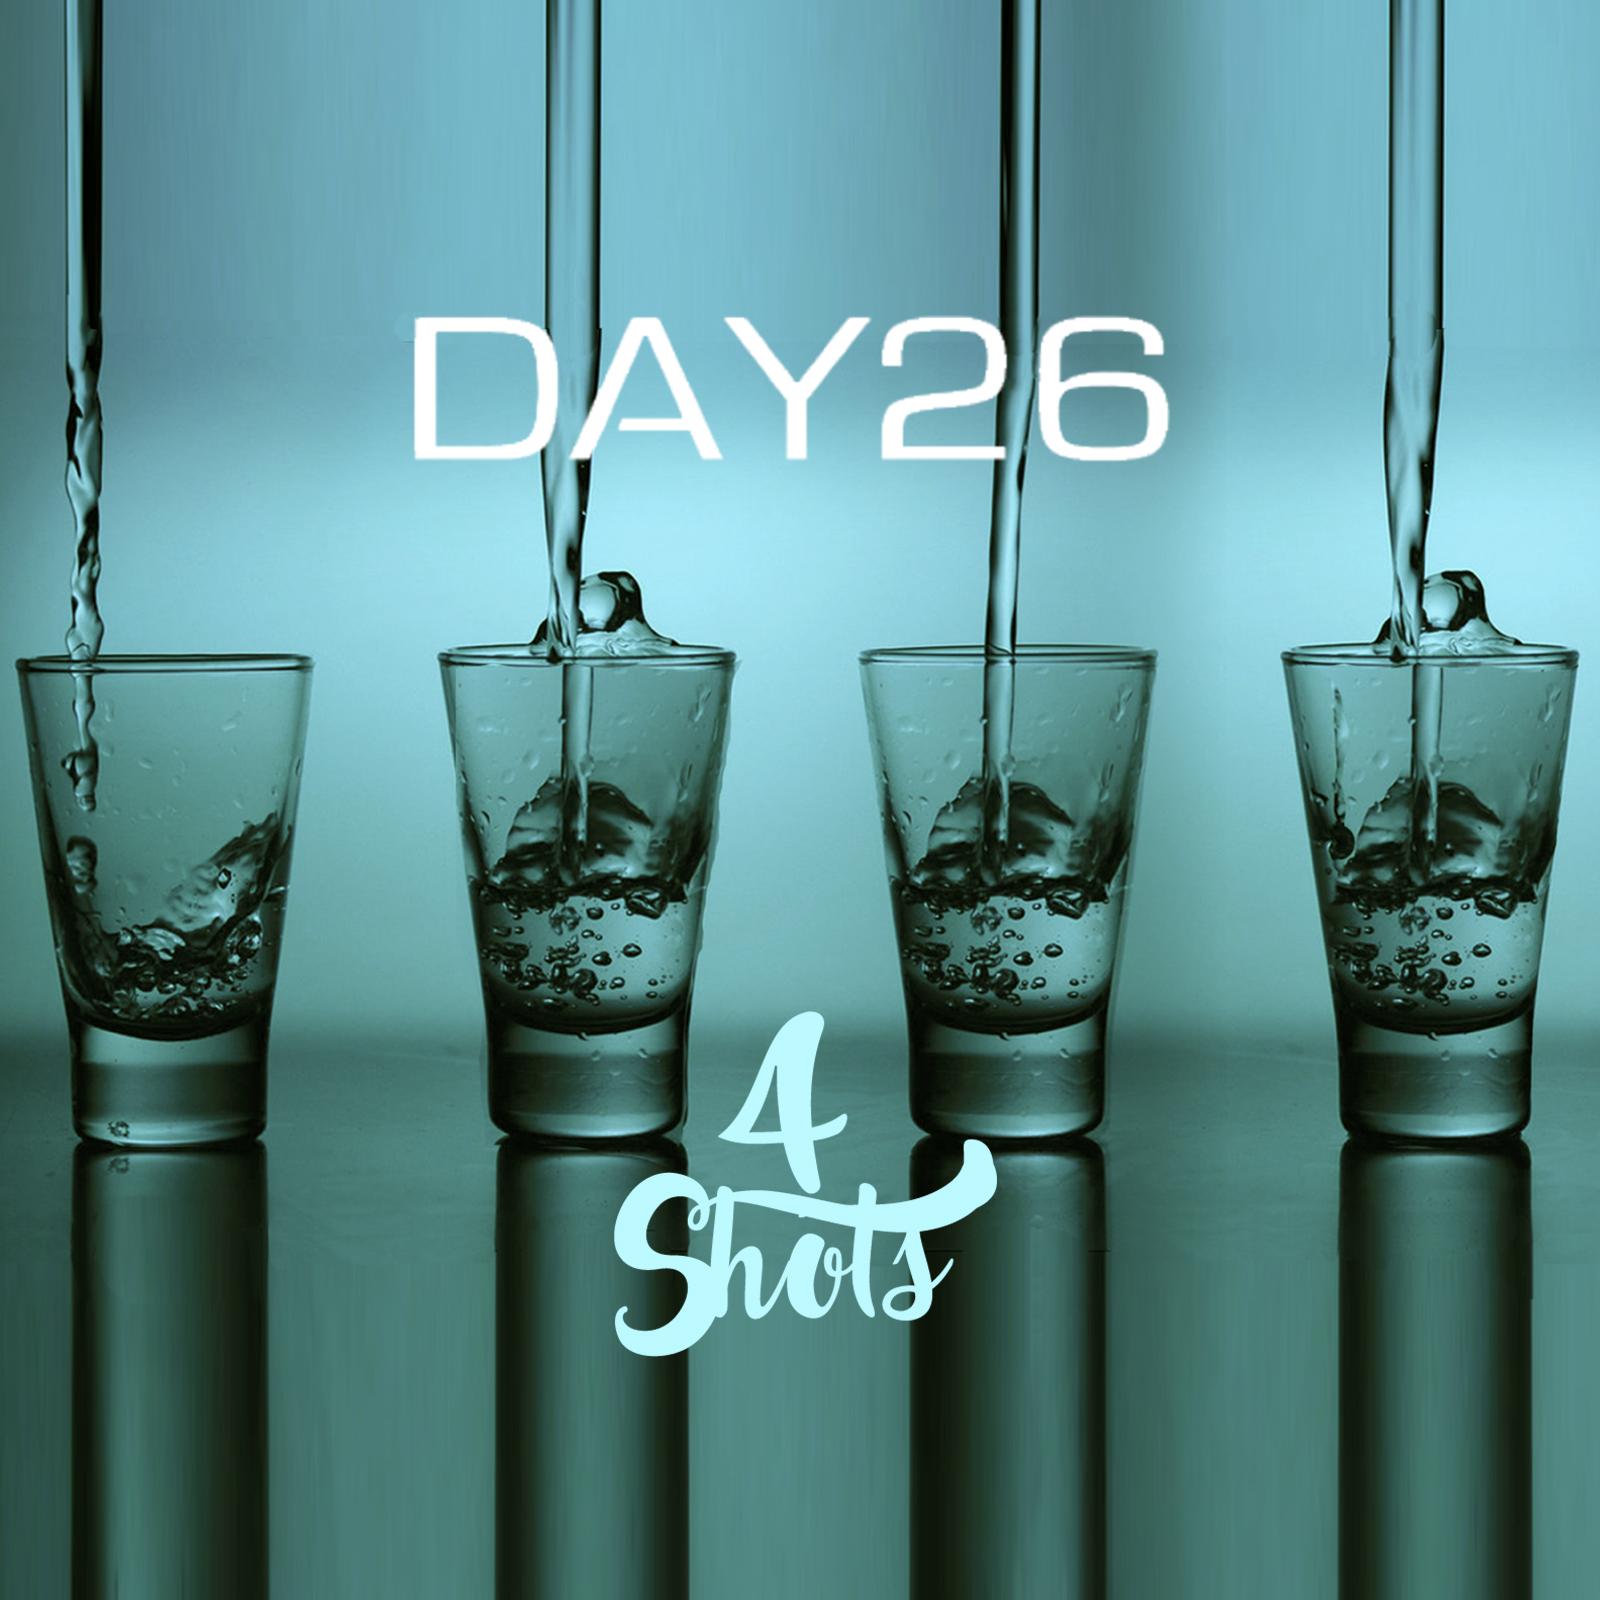 Day 26 4 Shots